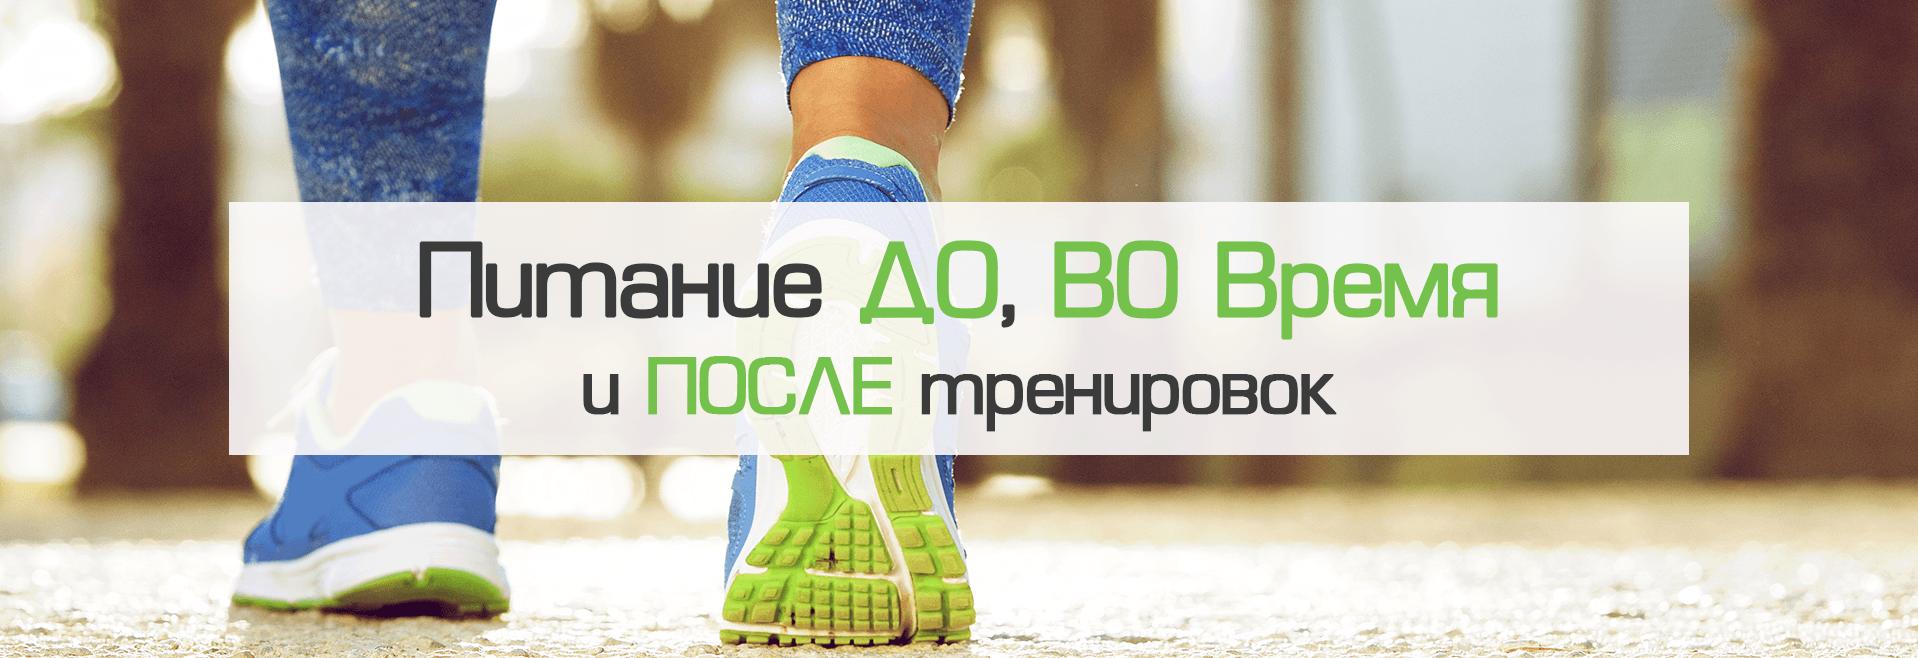 баннер herbalinfo.ru